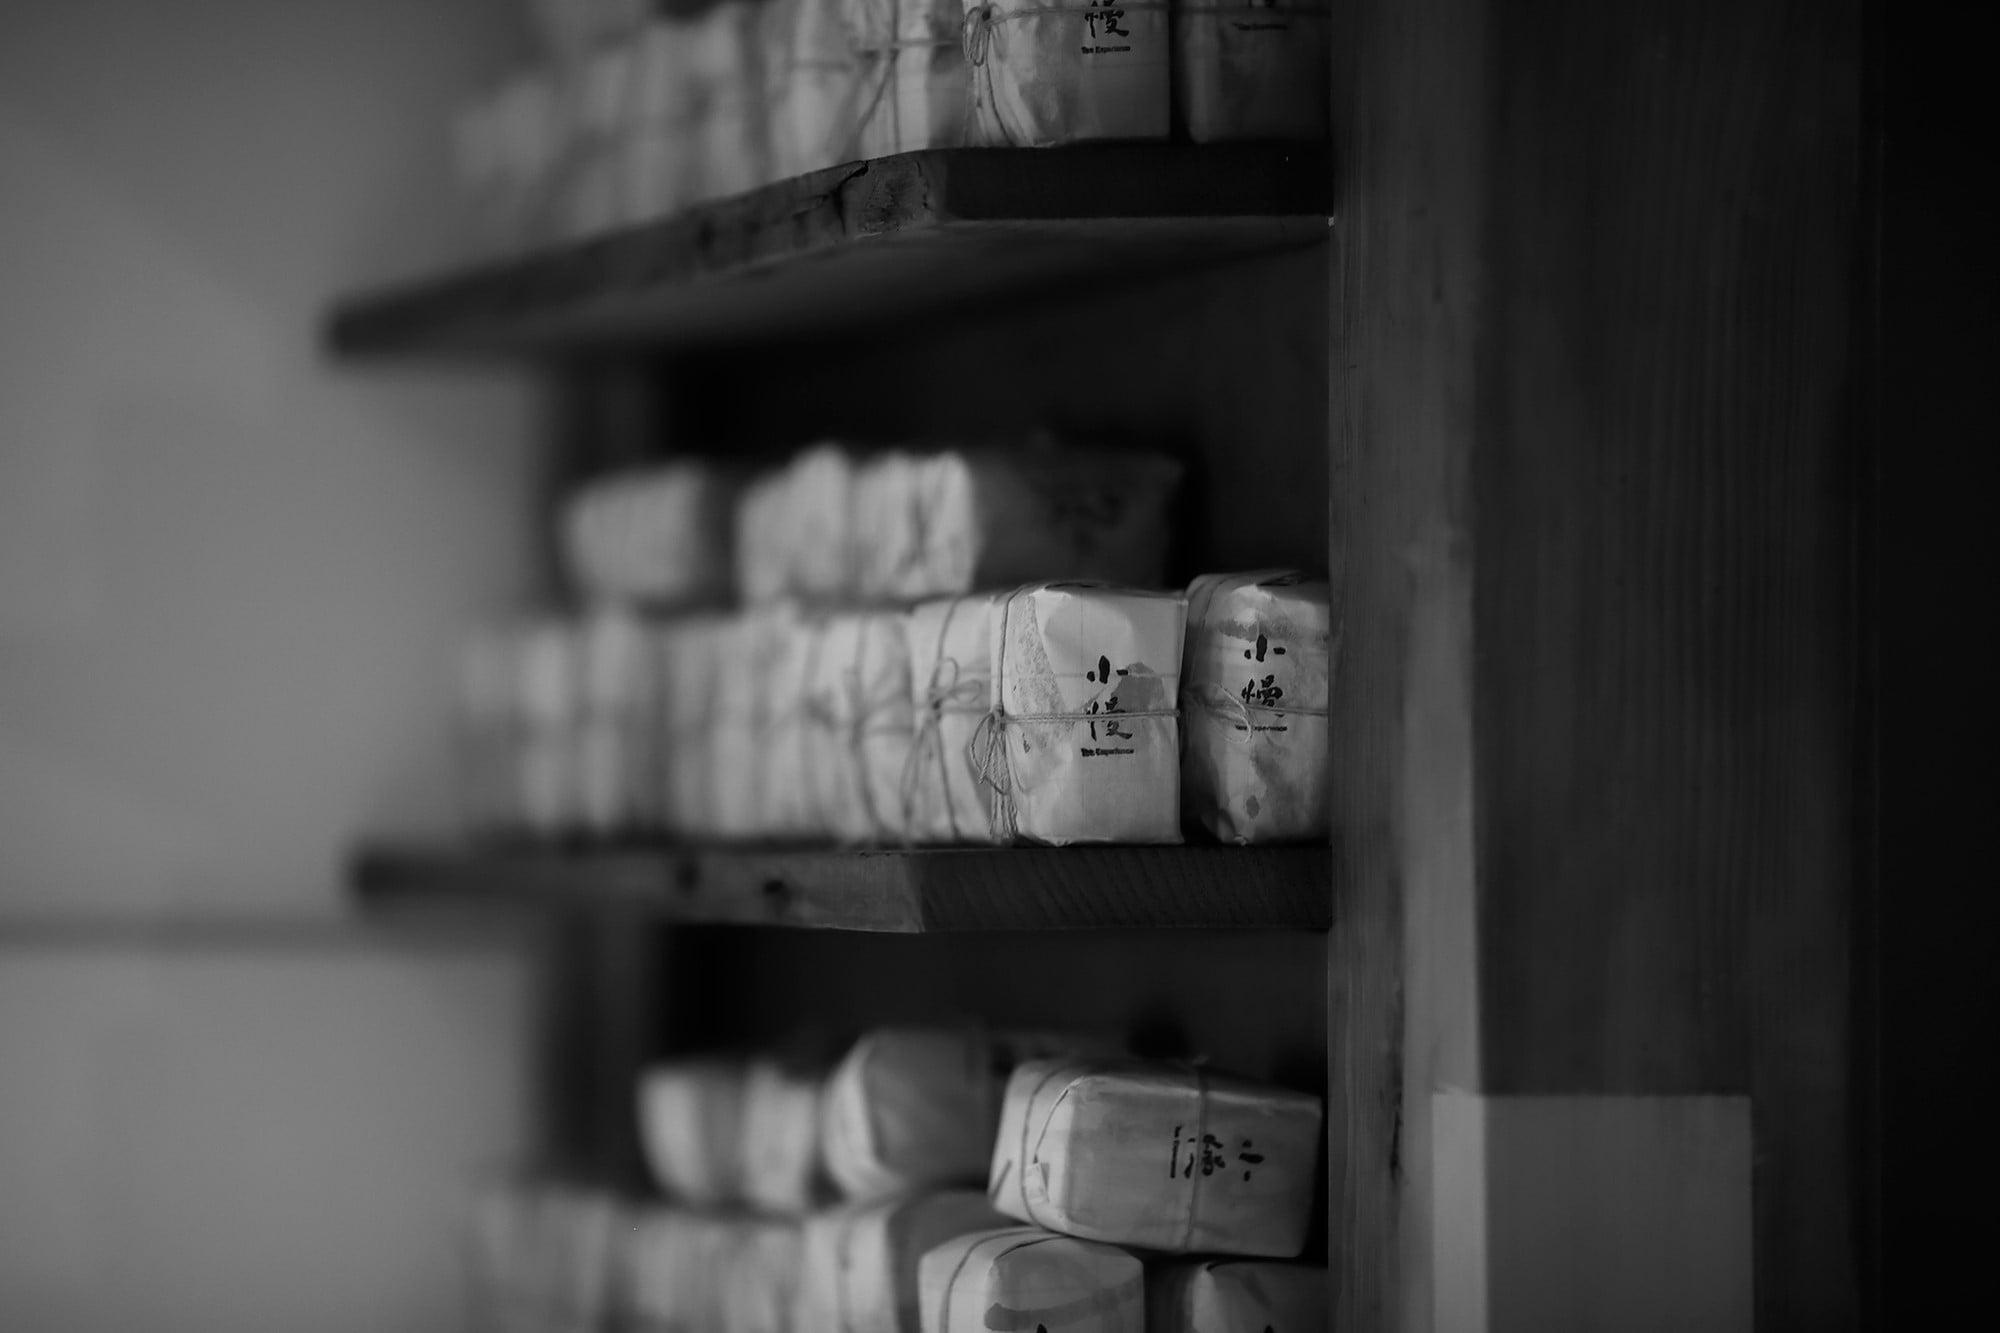 京都小慢1階には台北で購入できるのと同じ茶葉が並ぶ。「日本では自然栽培の野放茶に興味を持つ人が多いですね」。